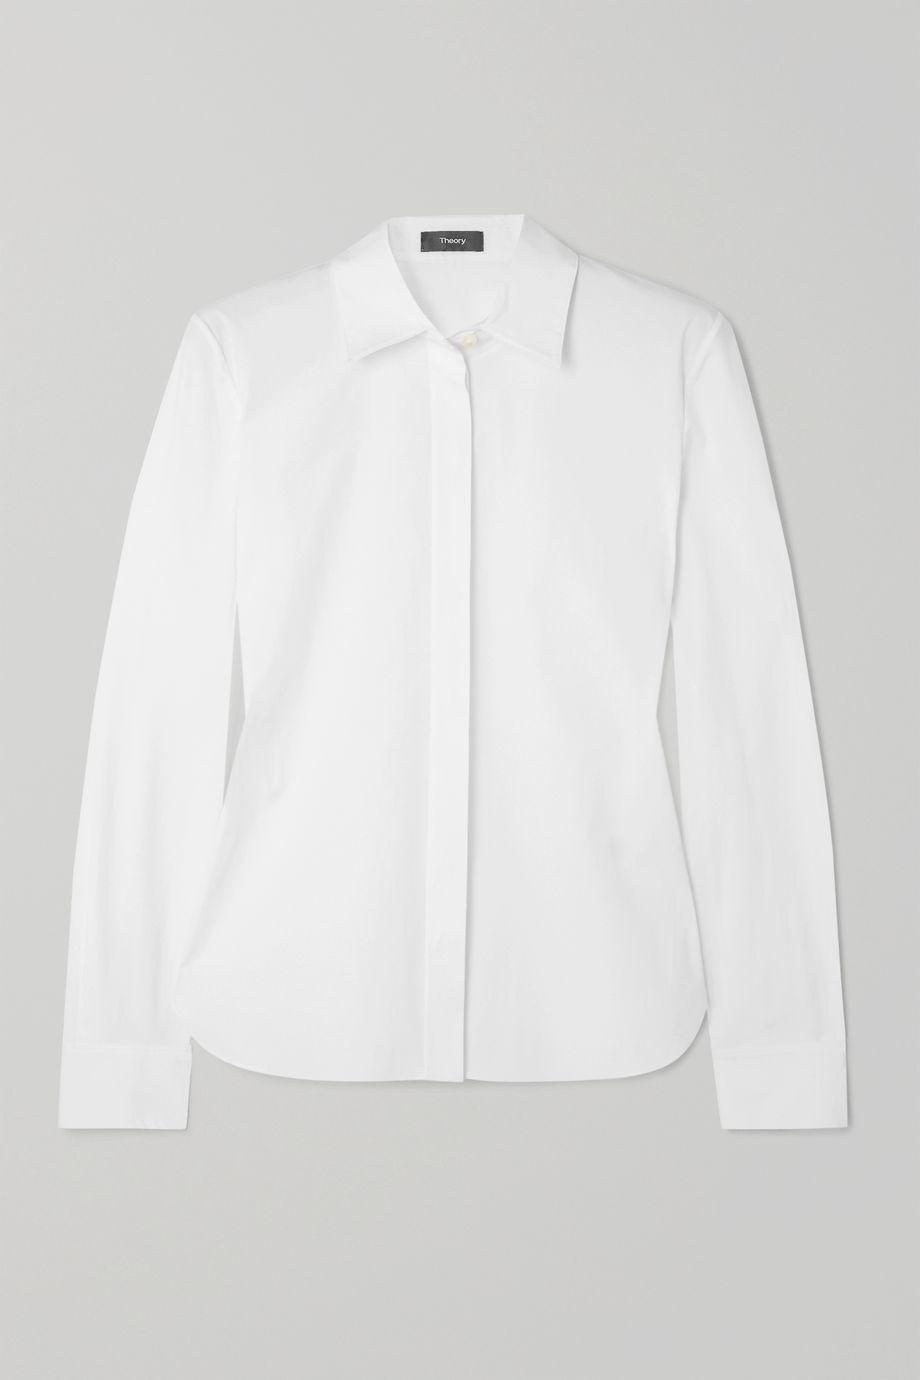 Theory 棉质混纺衬衫